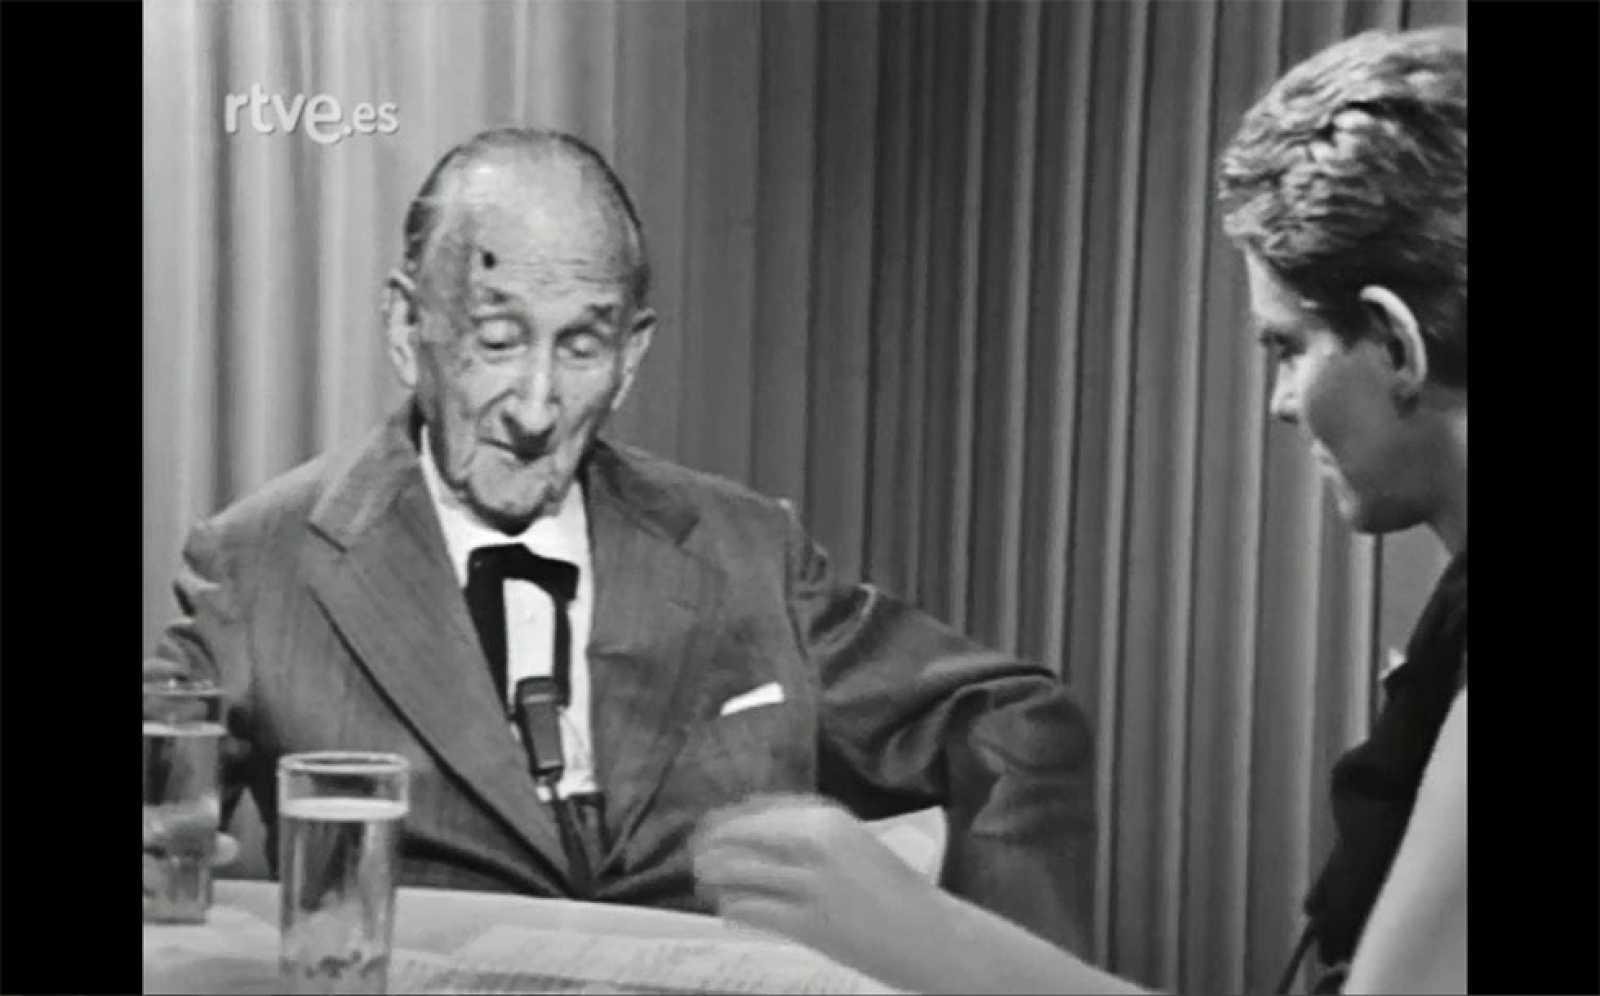 Arxiu TVE Catalunya - Personatges - Pau Vila i Dinarés